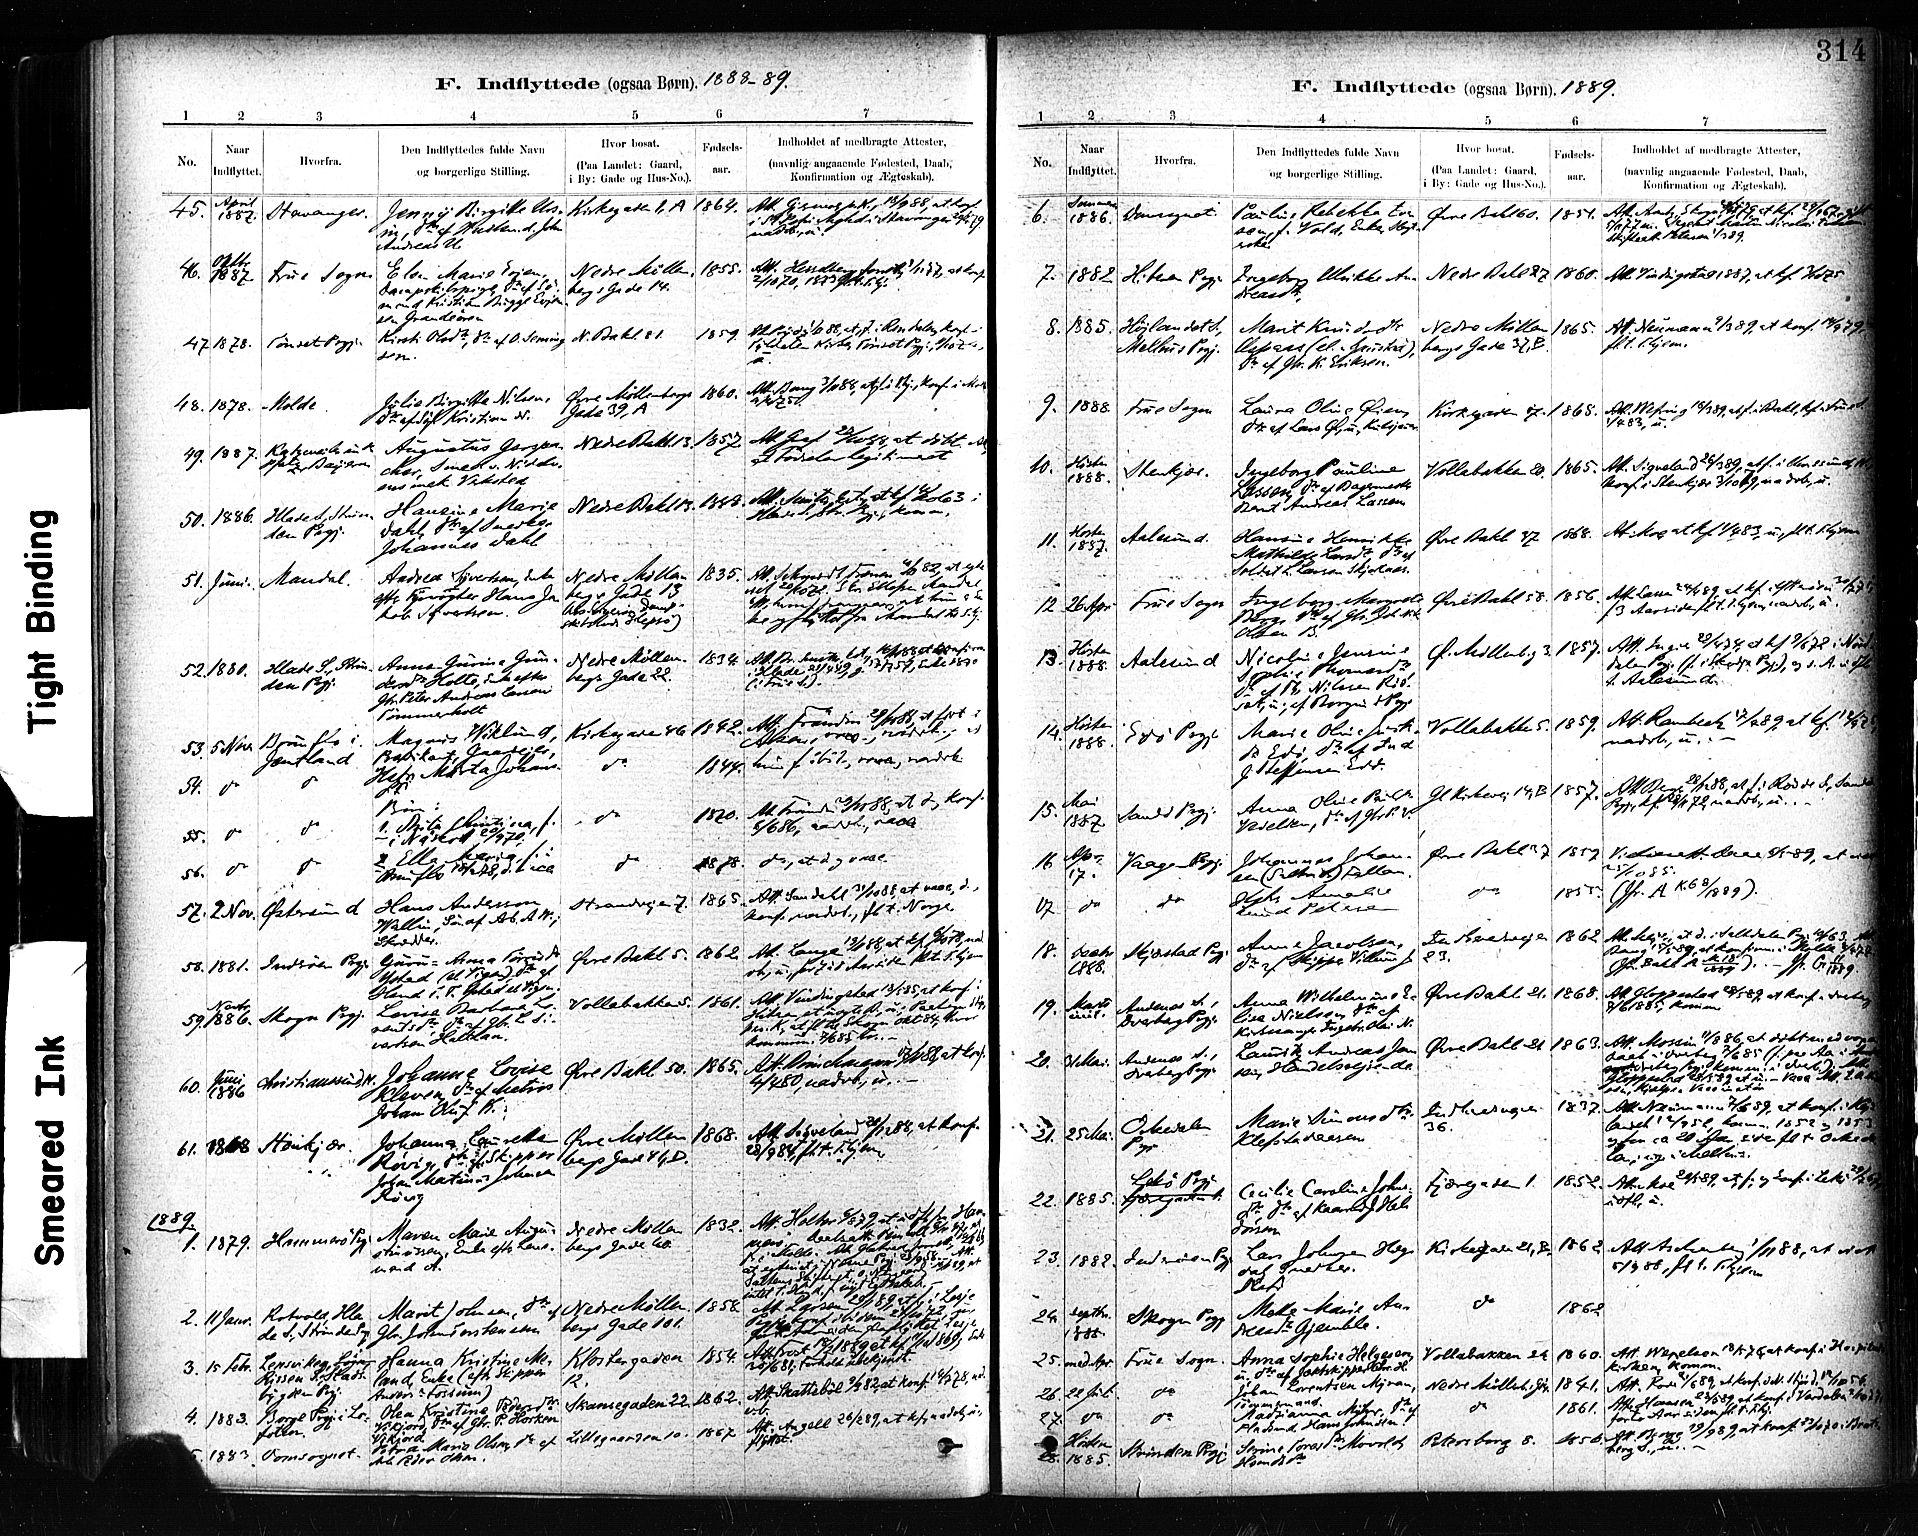 SAT, Ministerialprotokoller, klokkerbøker og fødselsregistre - Sør-Trøndelag, 604/L0189: Ministerialbok nr. 604A10, 1878-1892, s. 314